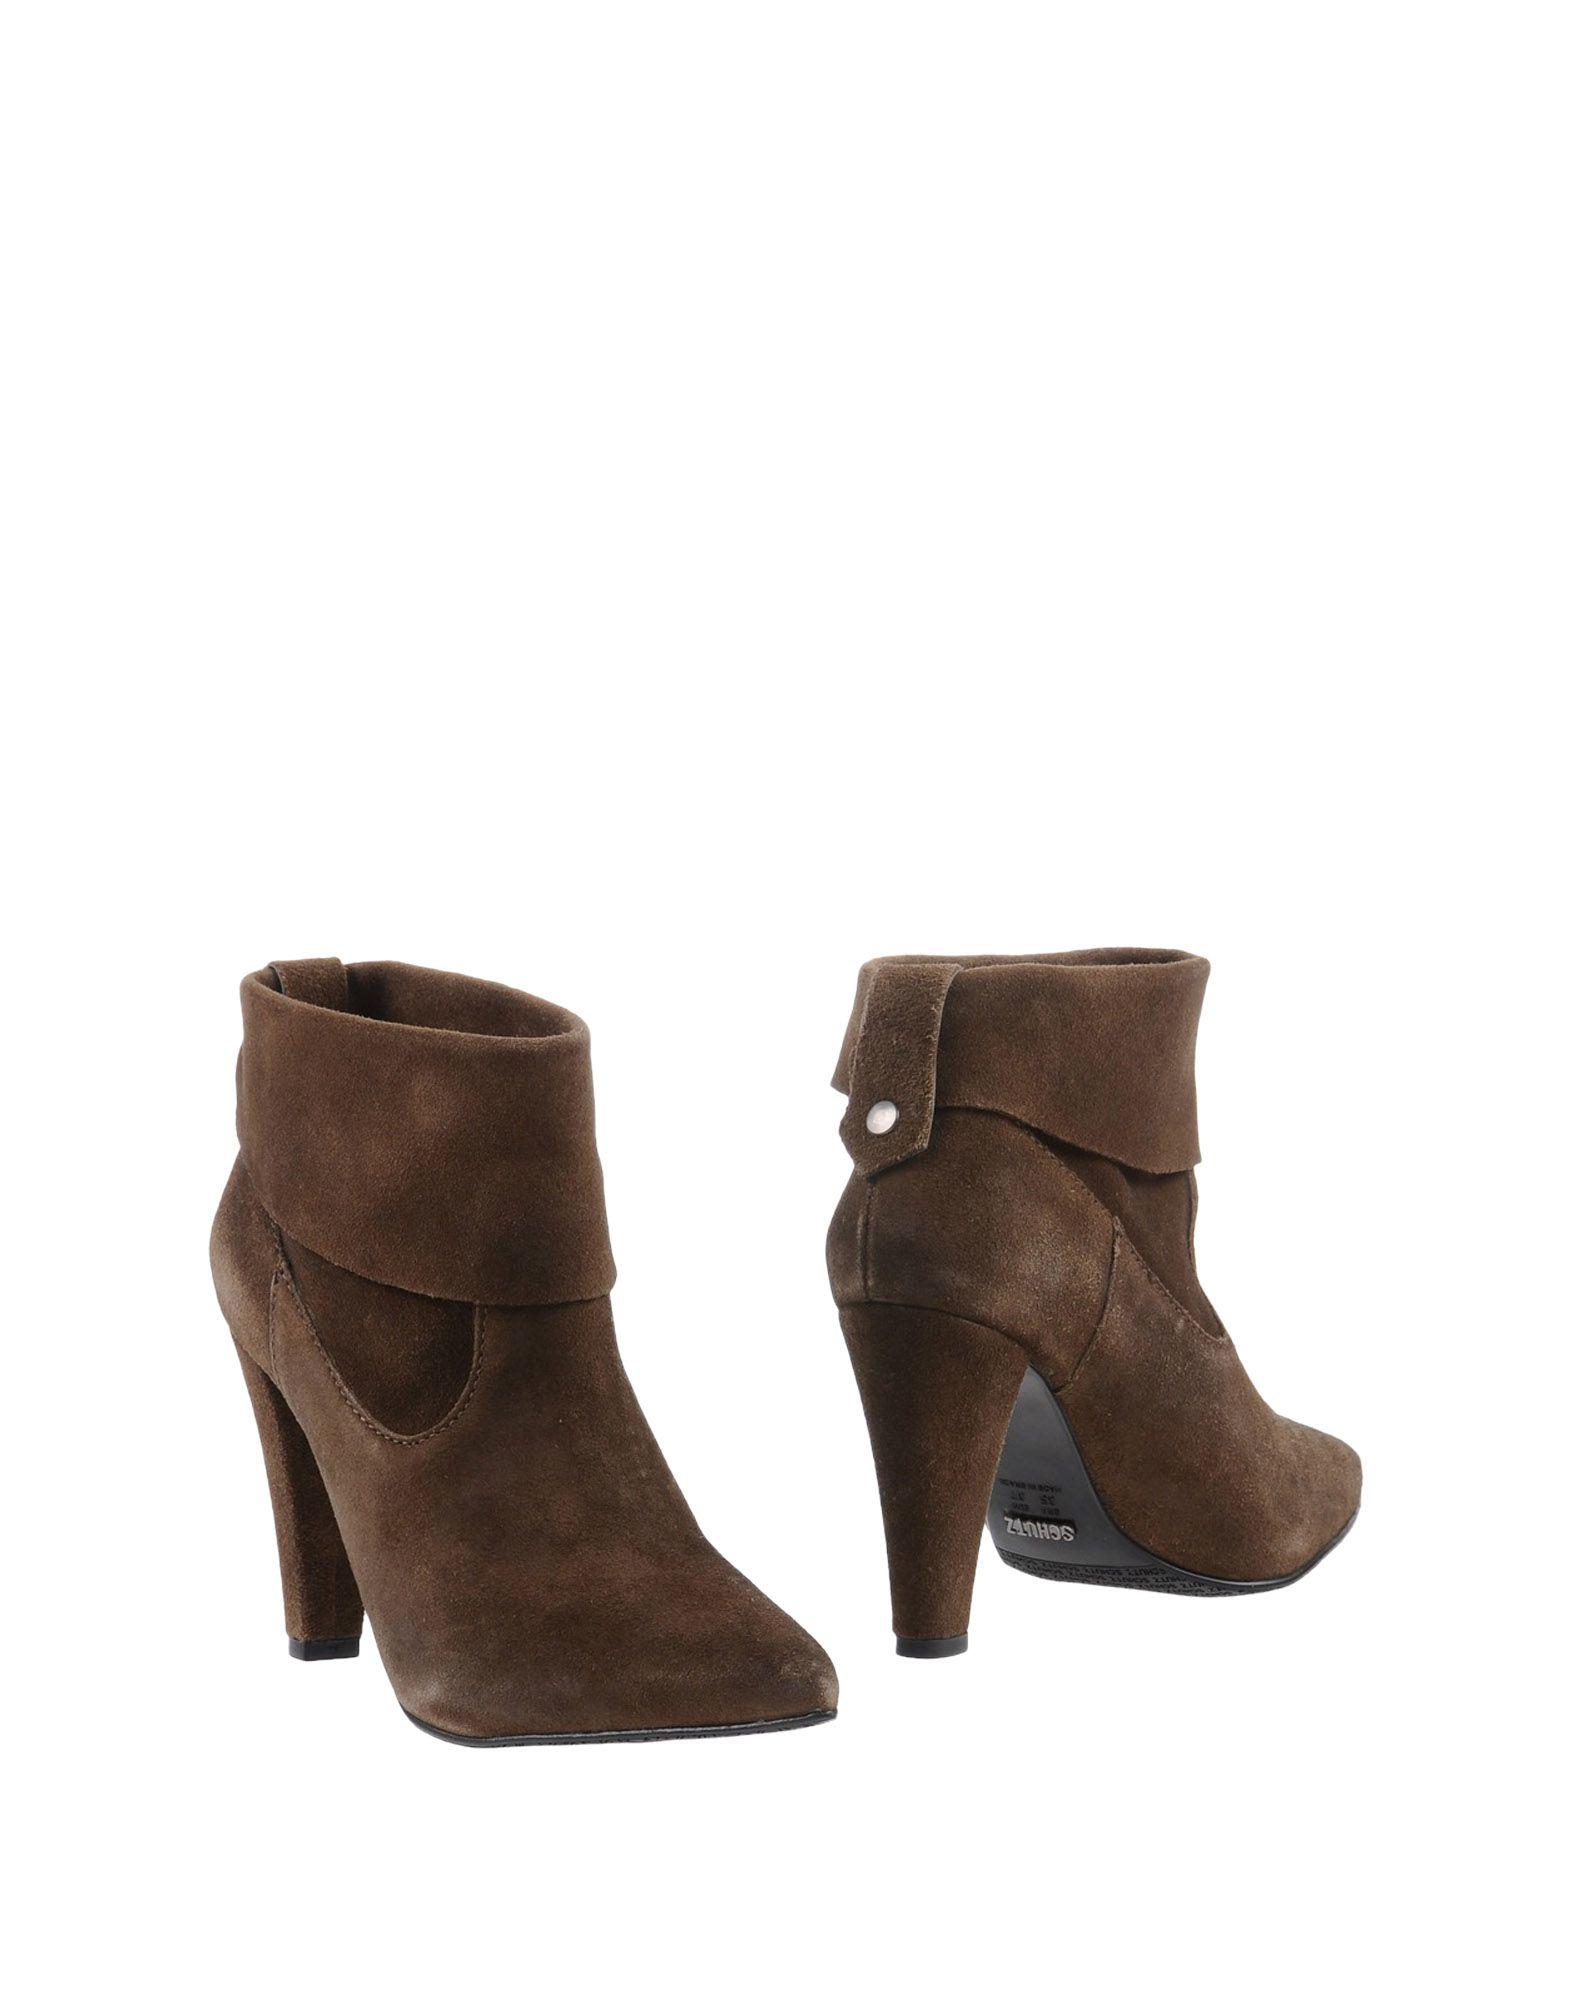 schutz ankle boots in khaki lyst